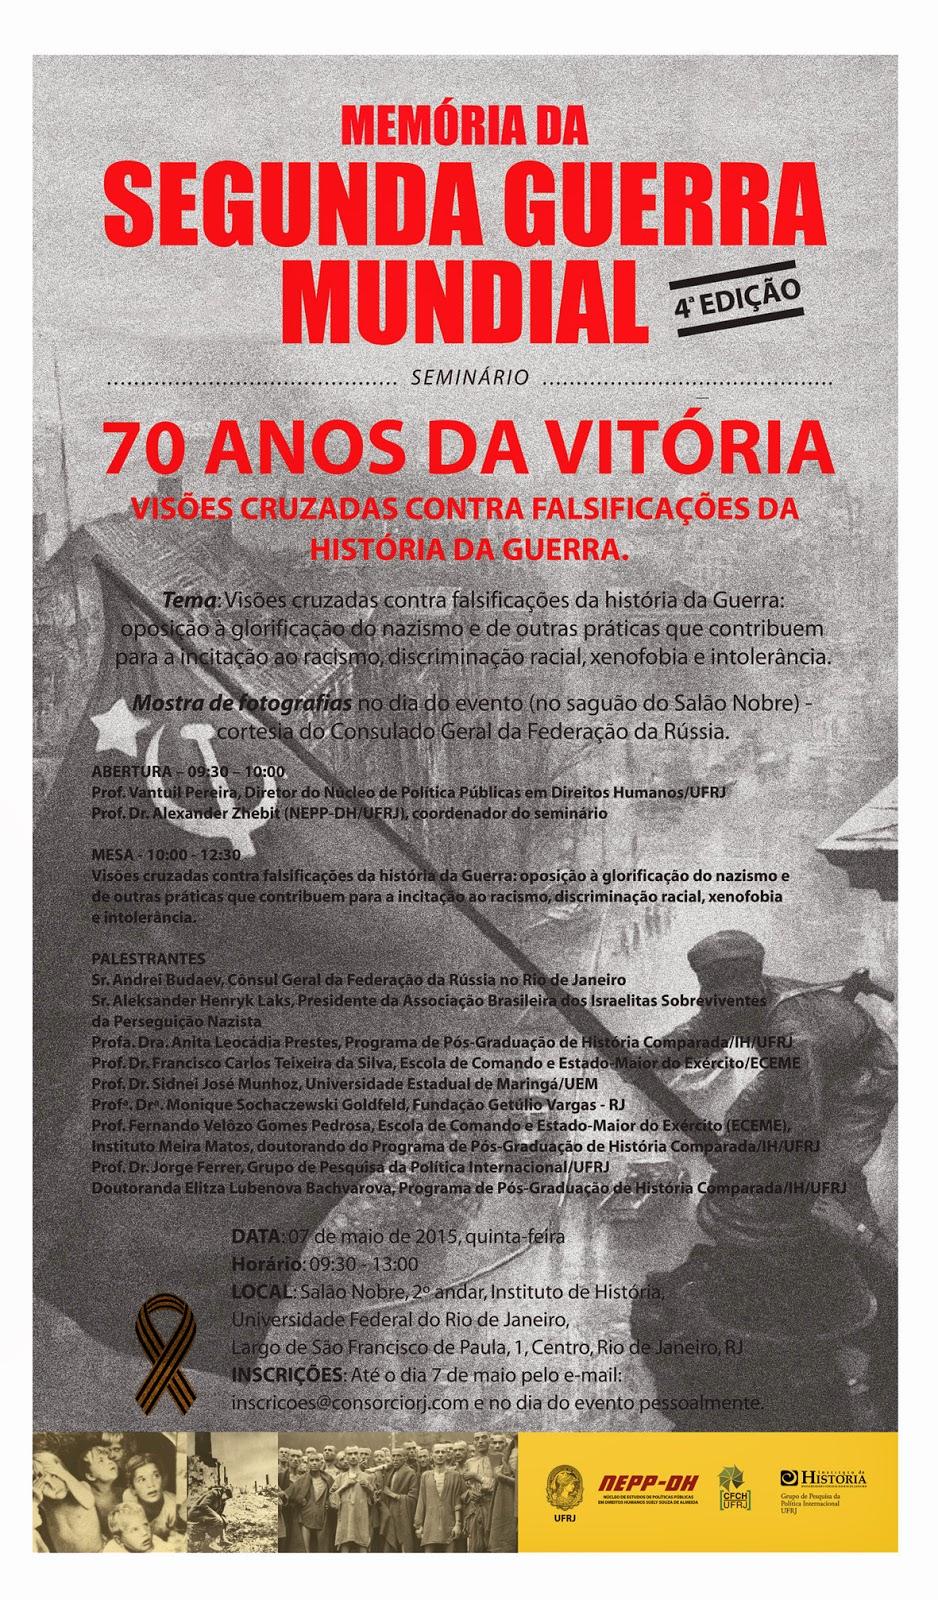 """Seminário """"70 ANOS DA VITÓRIA NA SEGUNDA GUERRA MUNDIAL"""""""